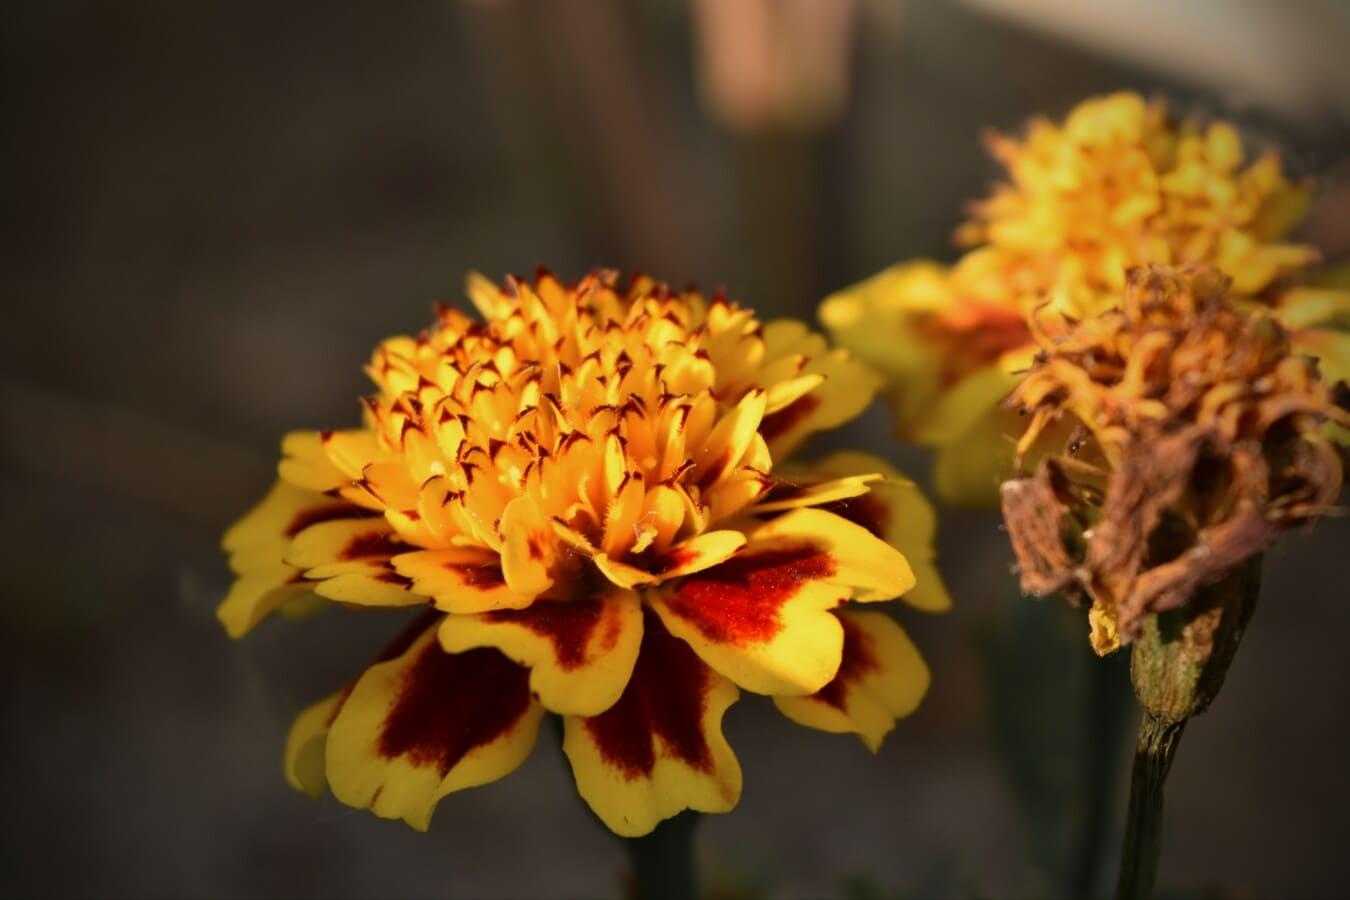 blomster, Nellike, helt tæt, plante, natur, gul, foråret, blomst, kronblad, vilde blomster